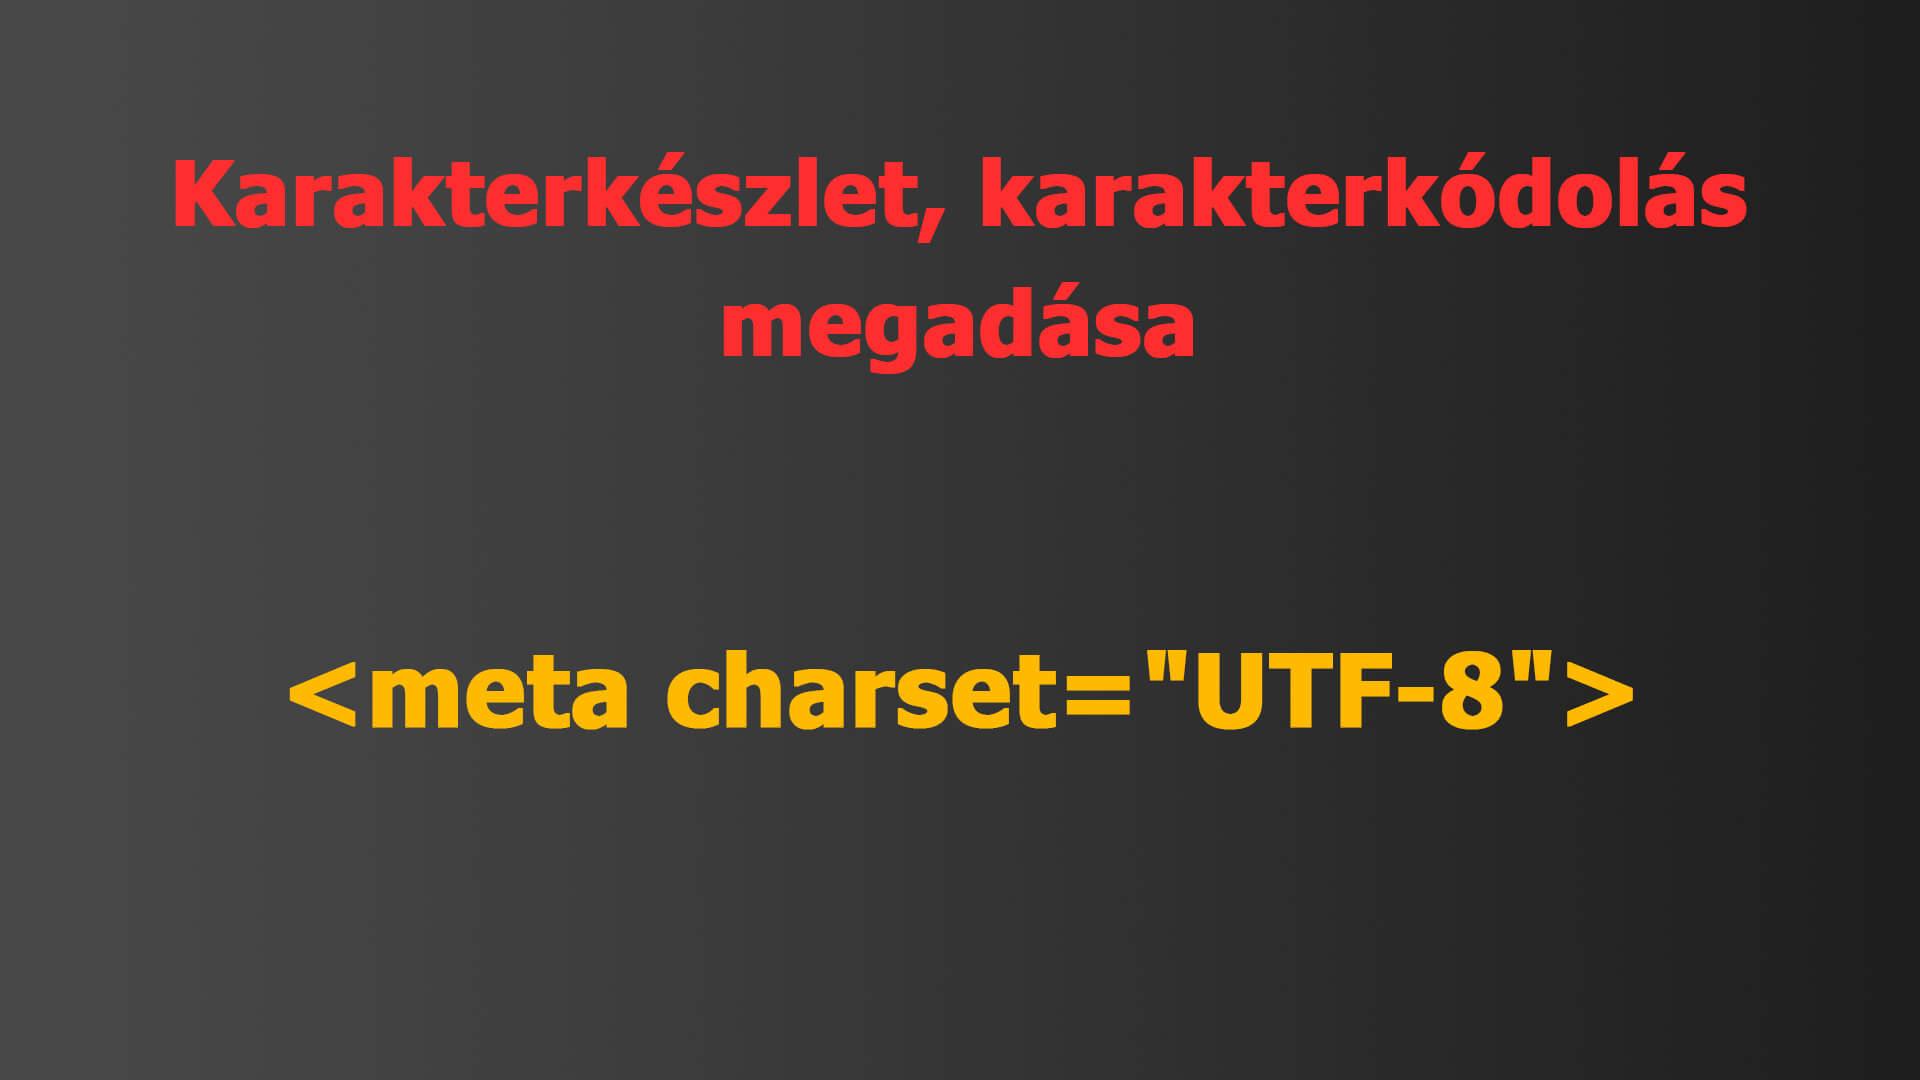 HTML karakterkódolás, karakterkészlet megadása (HTML meta charset) pontos HTML kód